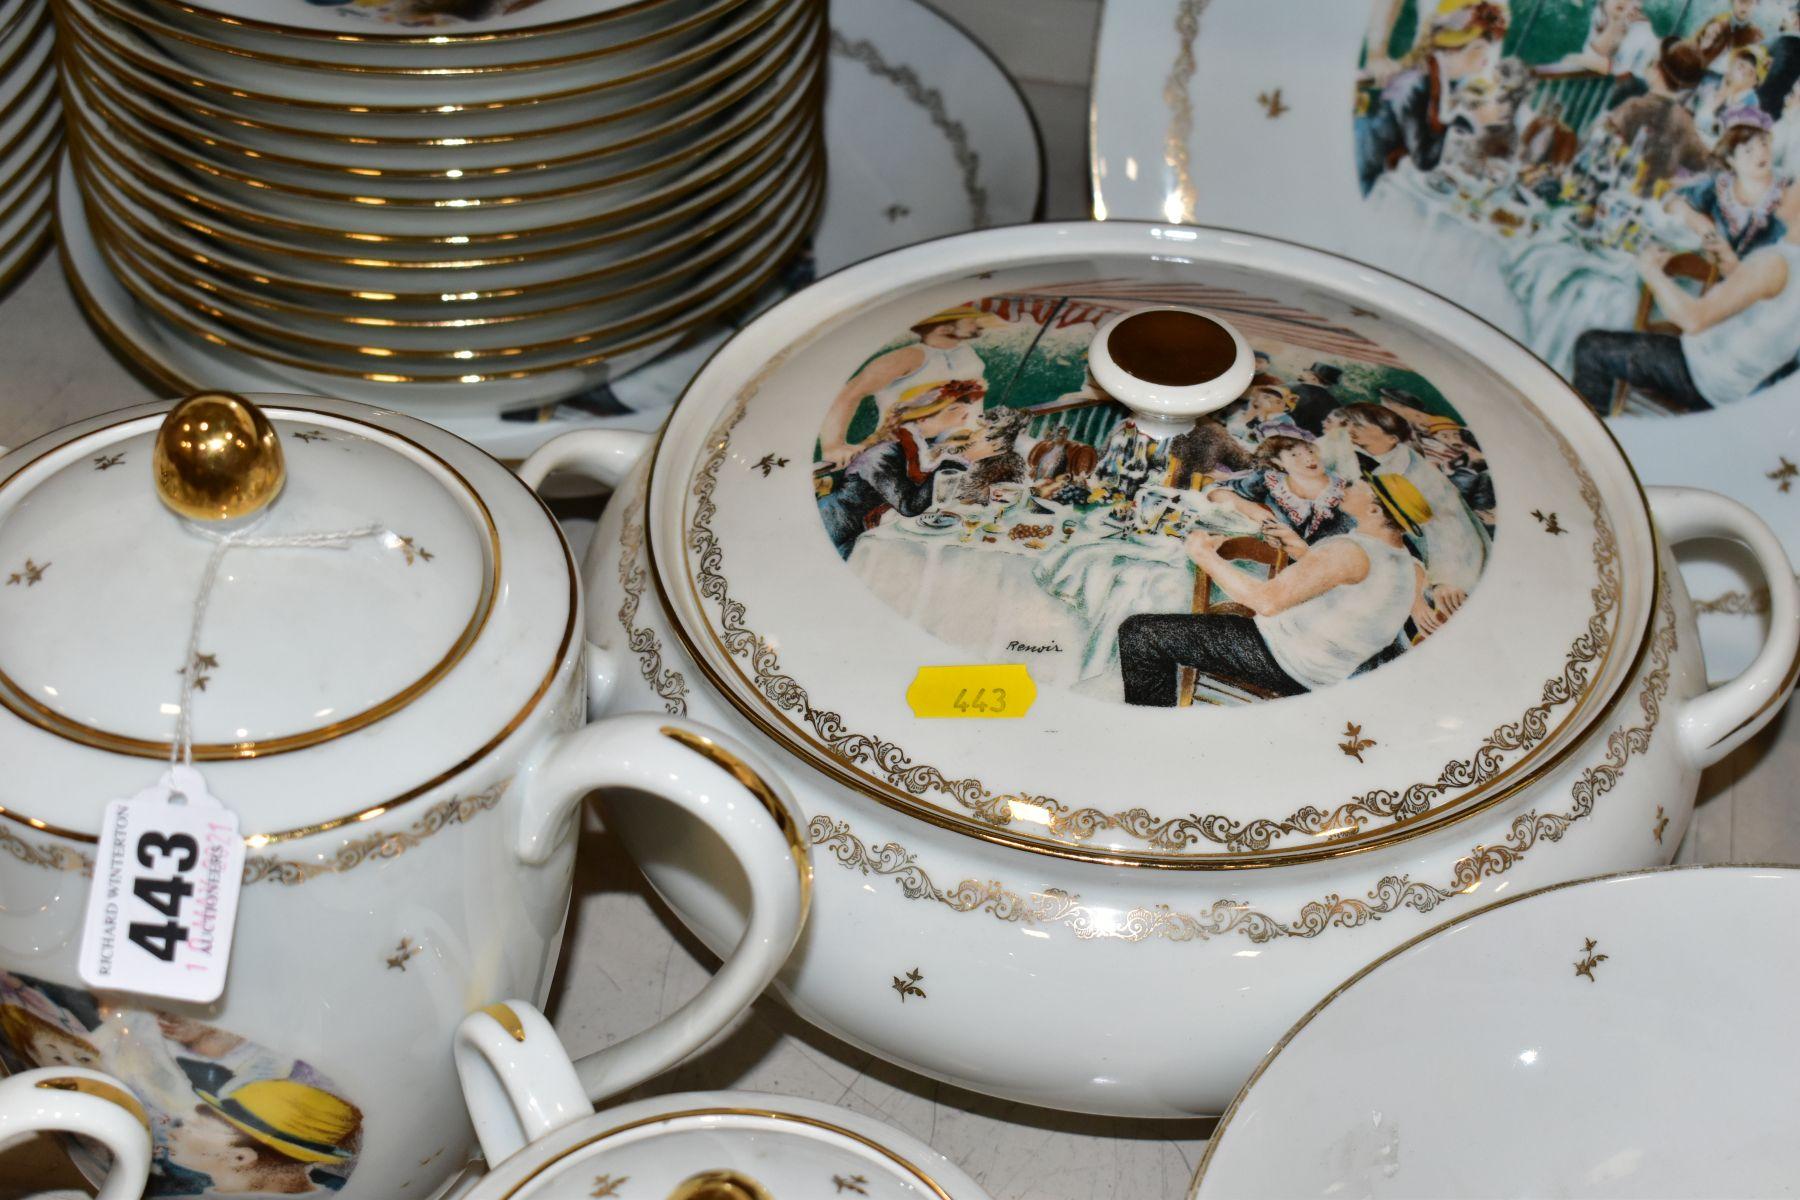 A LIMOGES 'RENOIR' DINNER SERVICE, marked to the base 'Veritable Porcelaine de Limoges Decor Reserve - Image 3 of 9